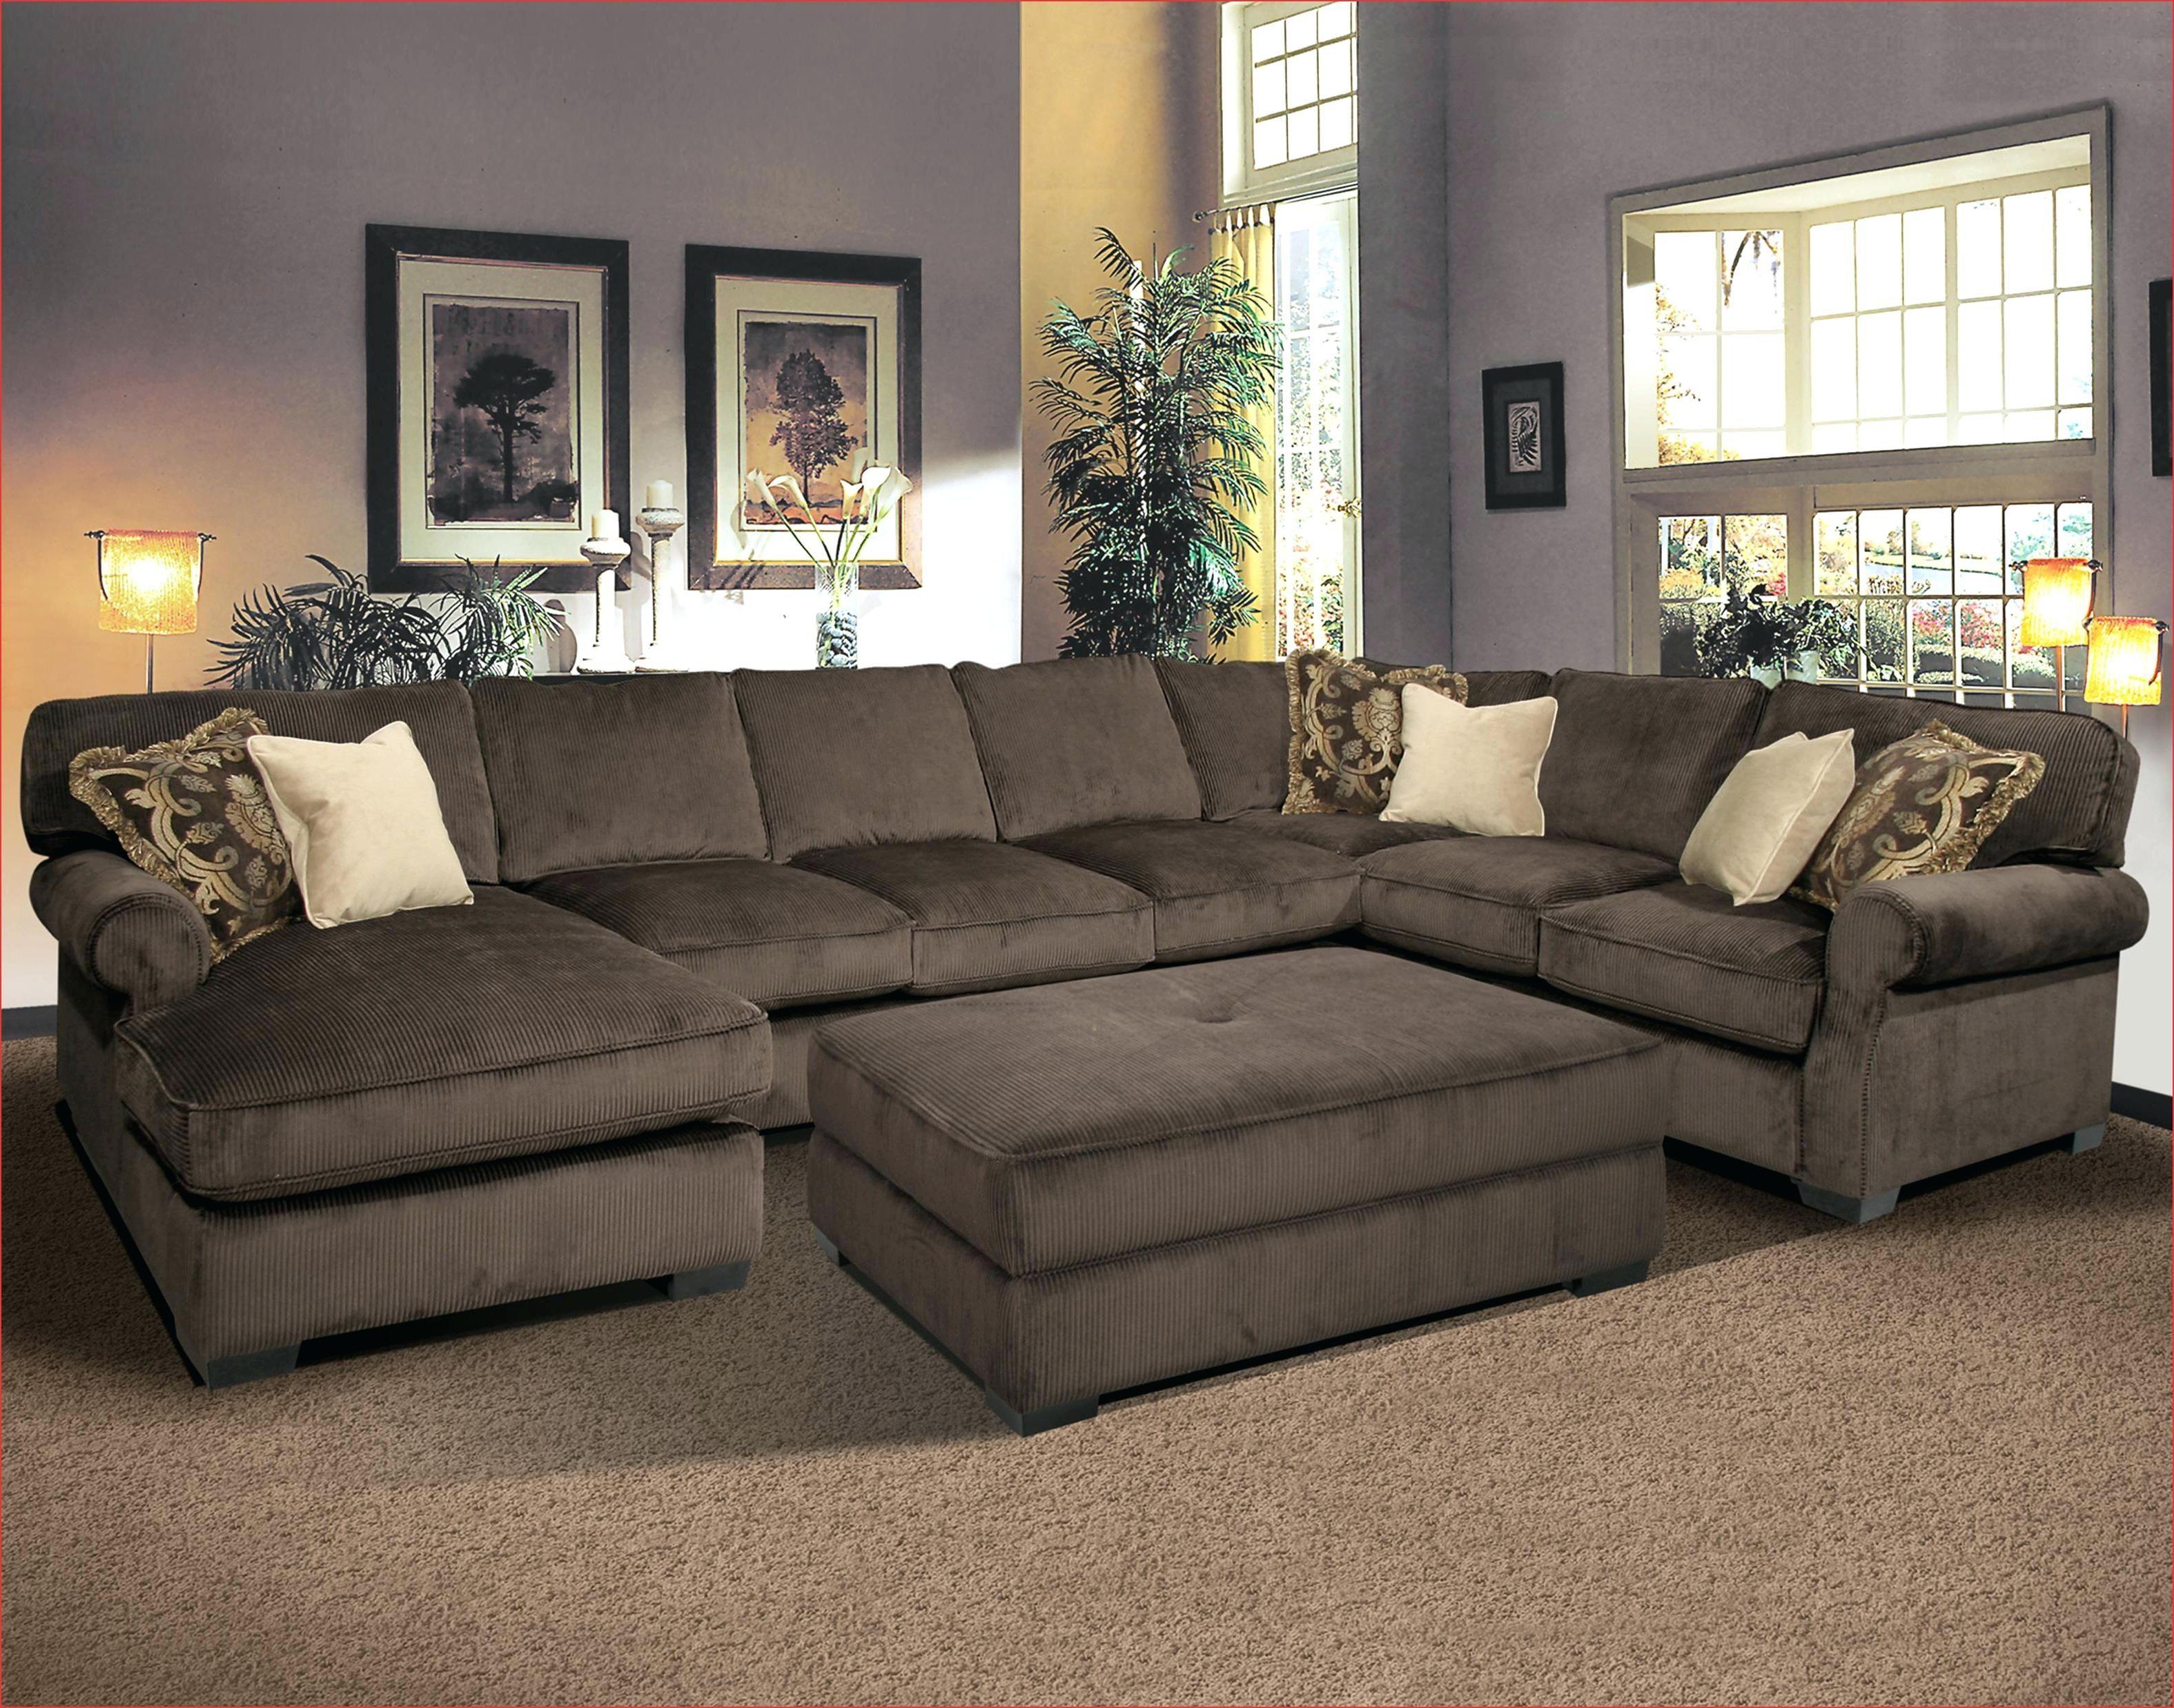 2020 Latest Orange County Ca Sectional Sofas Sofa Ideas Perabot Rumah Ruang Tamu Rumah Ide Dekorasi Rumah